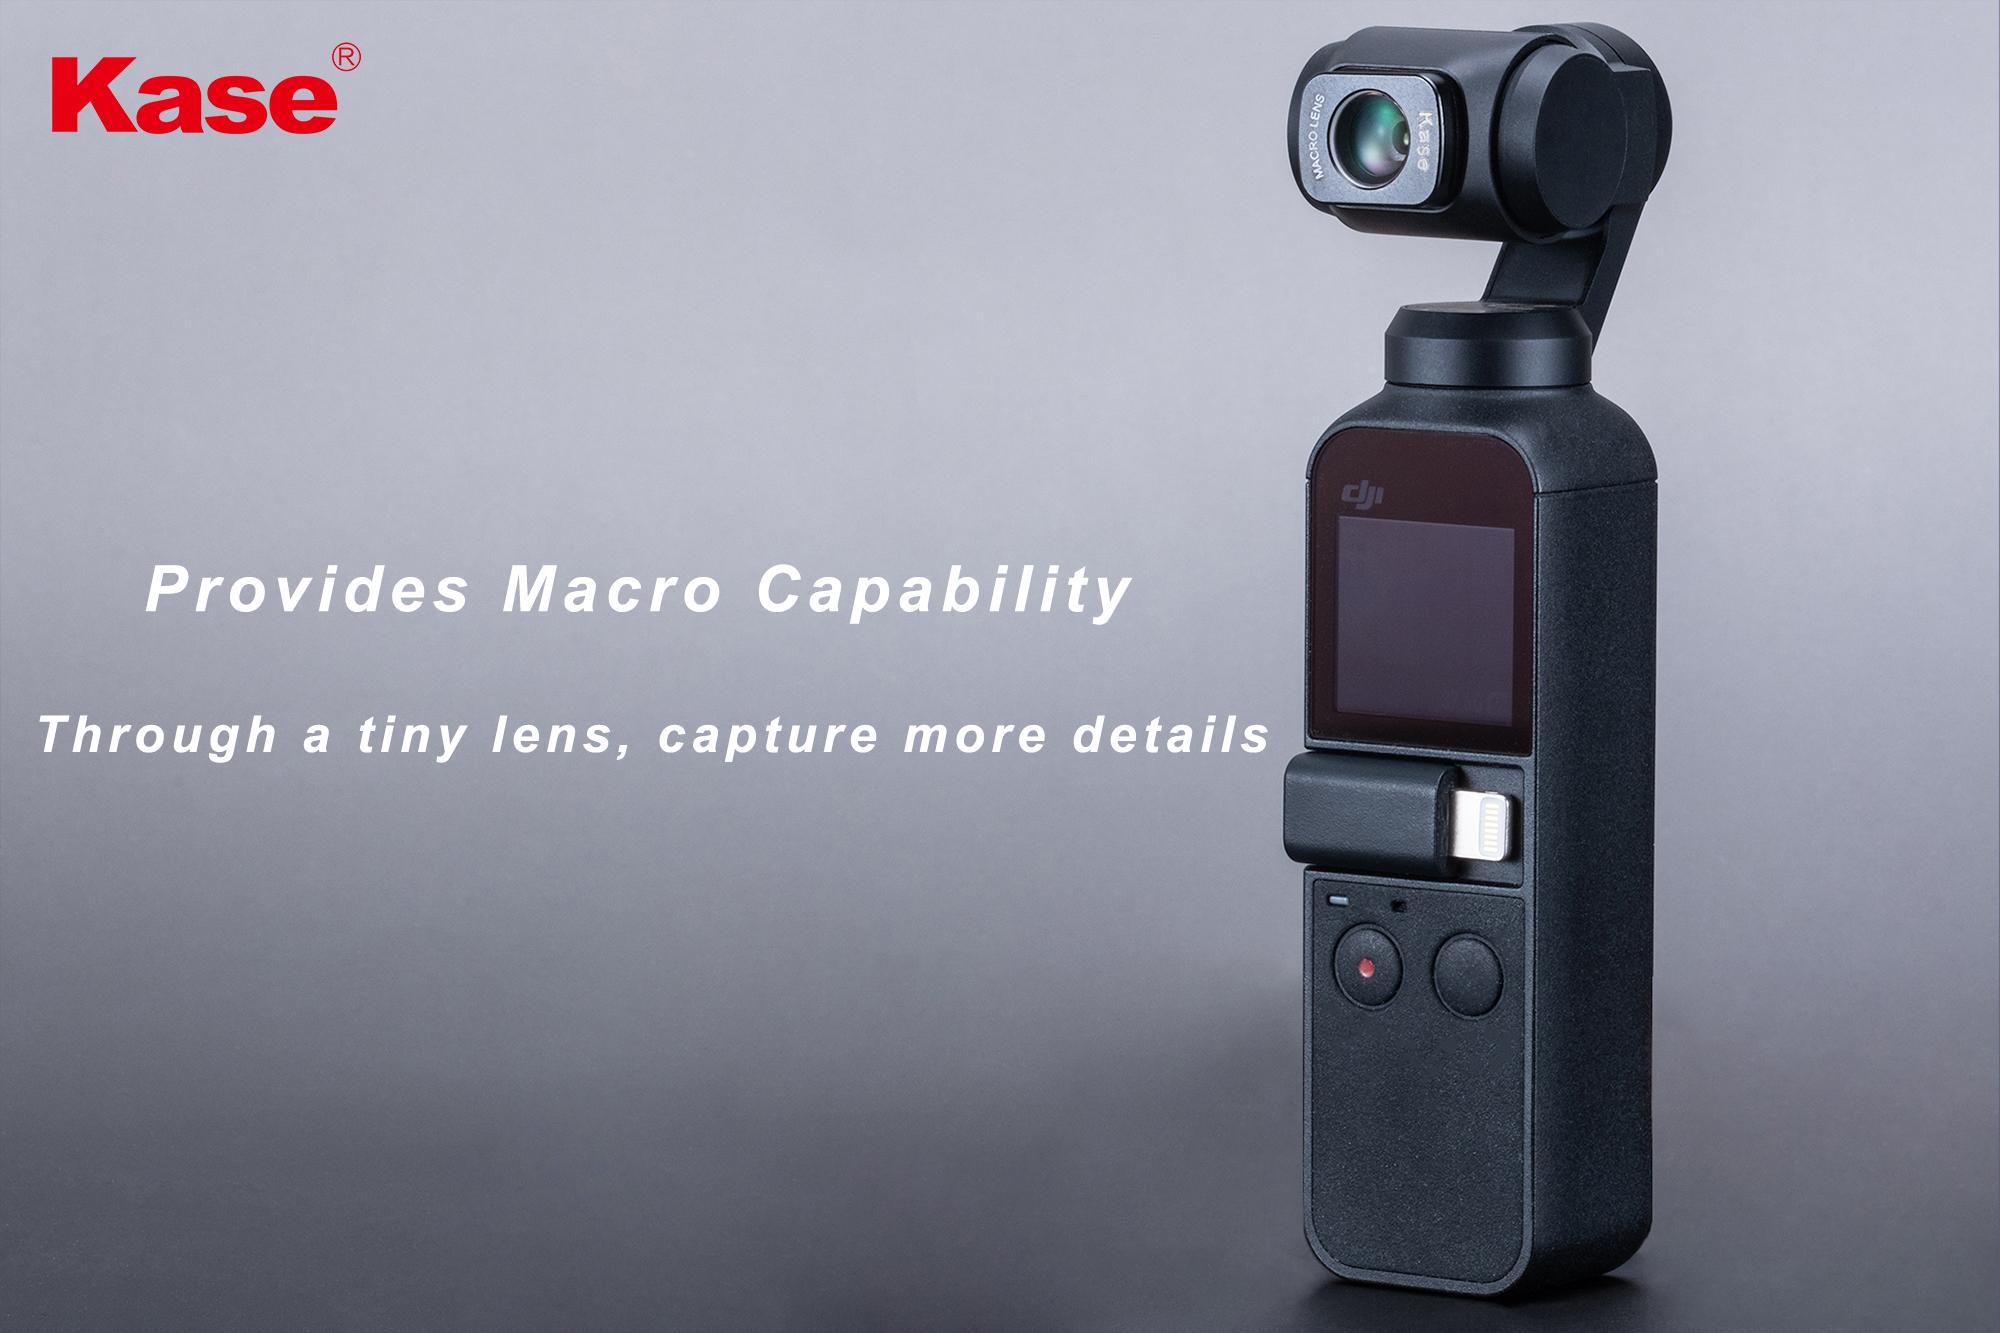 kase-macro-lens-1-.jpg